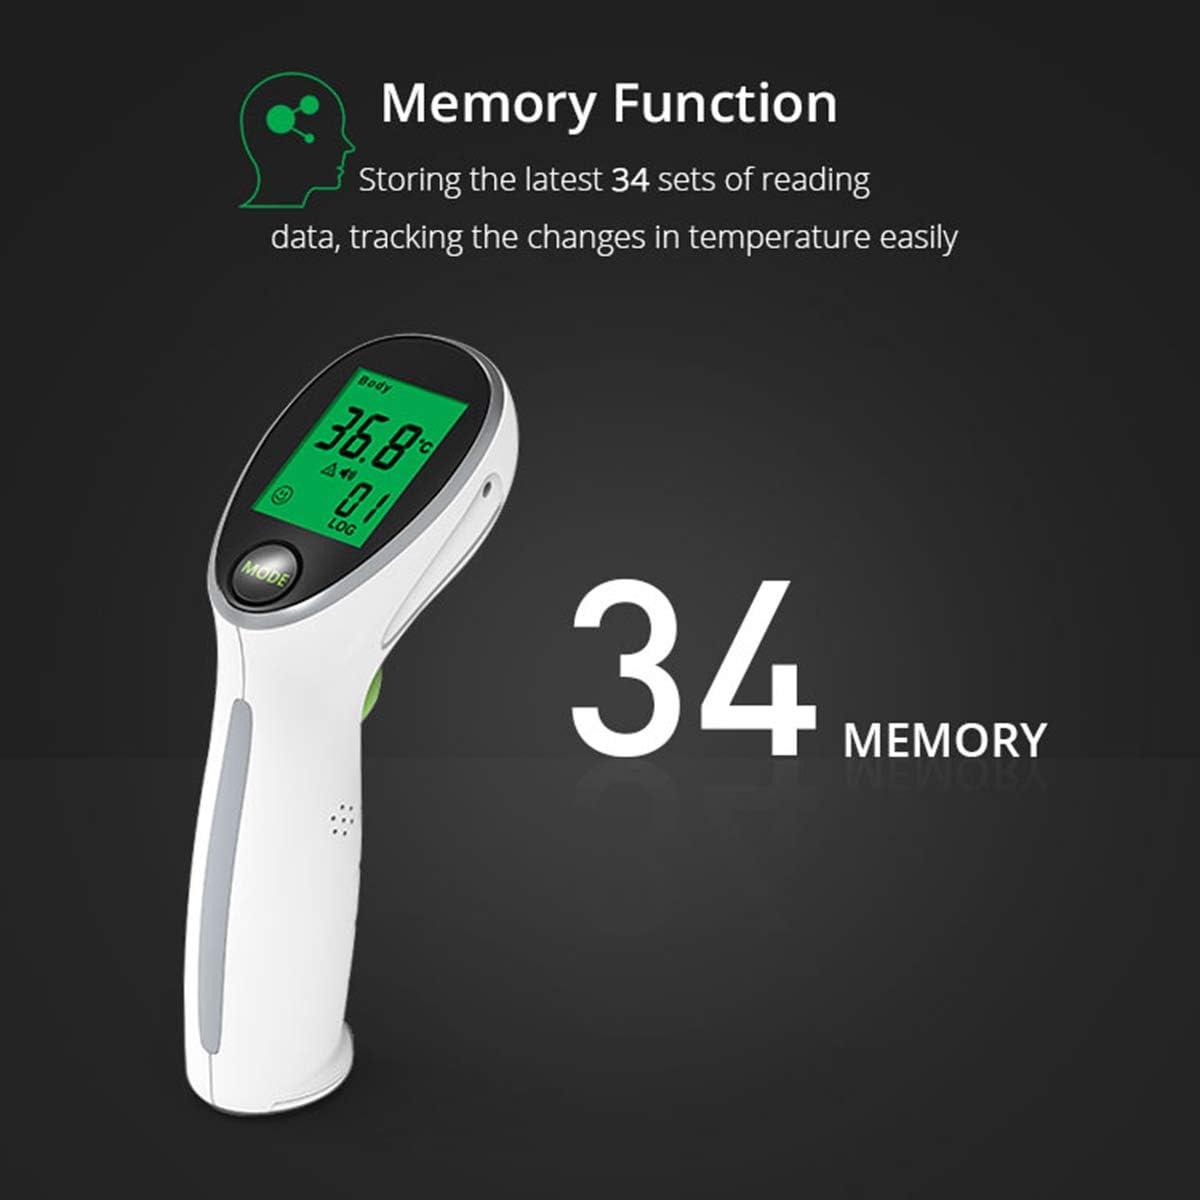 Multifunktionsobjekt BANESE Ber/ührungsloses Stirnthermometer Und Fl/üssigkeitstemperaturmessung Mit Ton Und Licht Warnung 34 Speichers/ätze